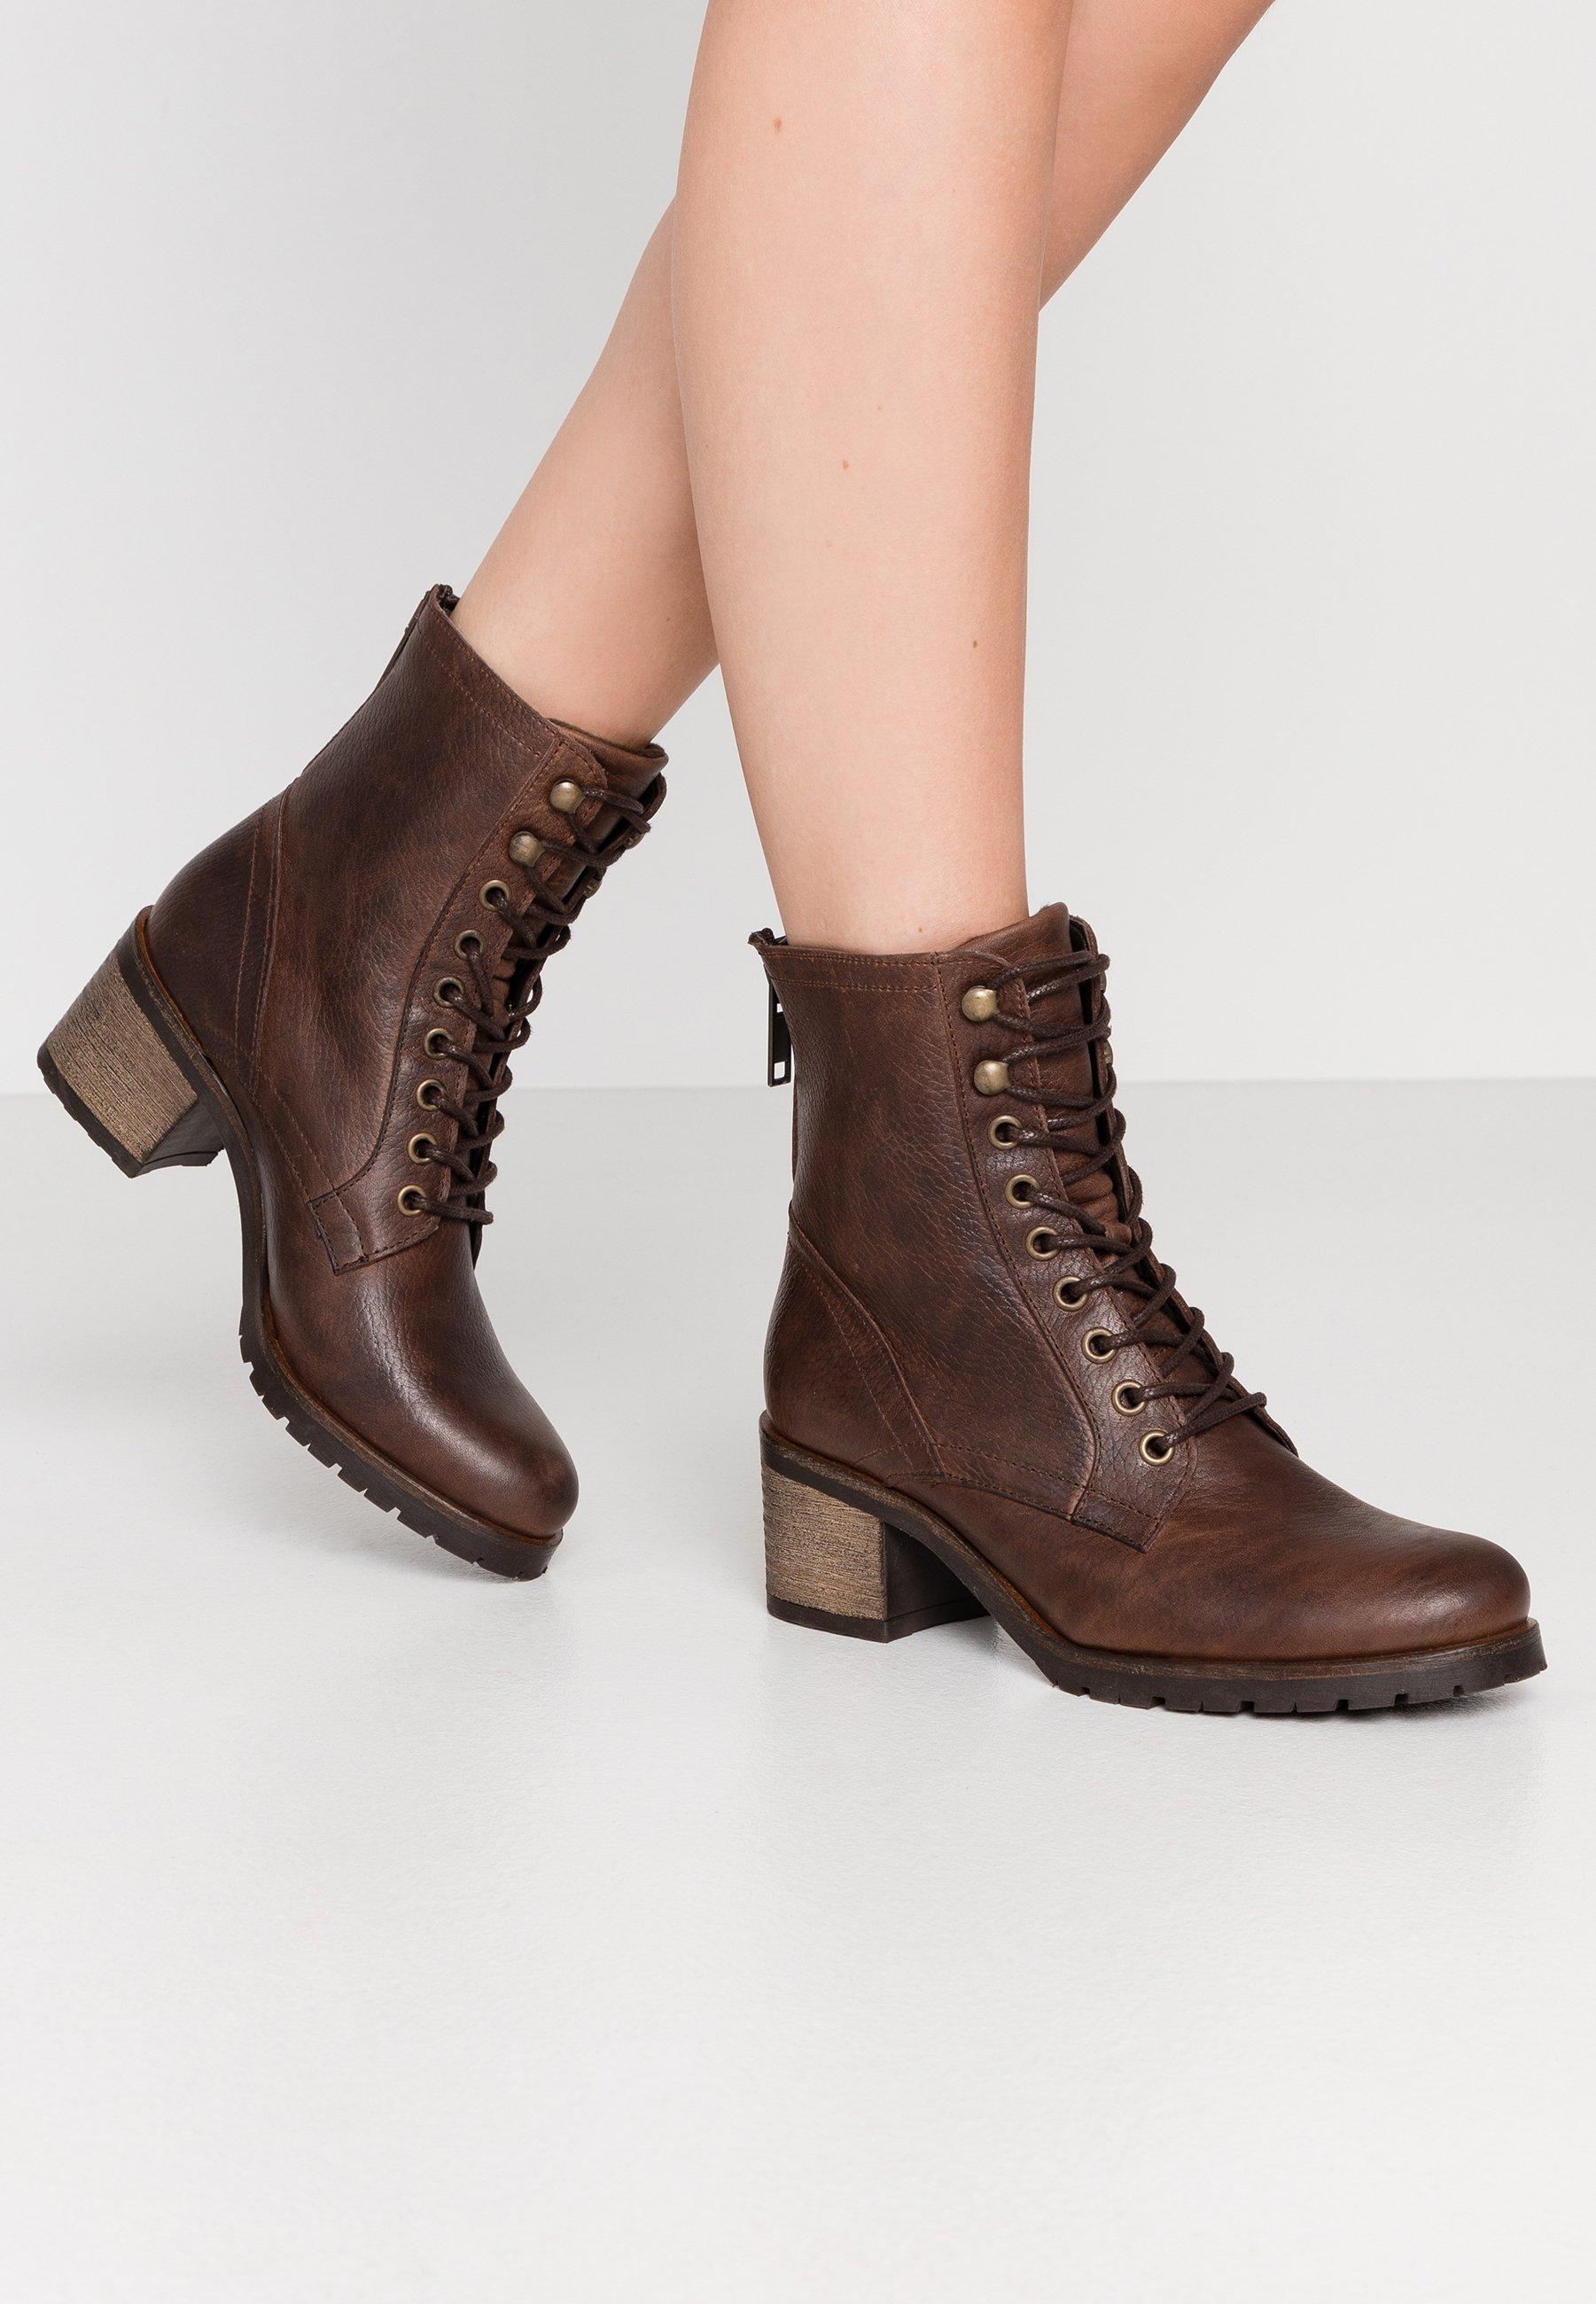 Bruine Bullboxer Gevoerde Laarzen online kopen | ZALANDO